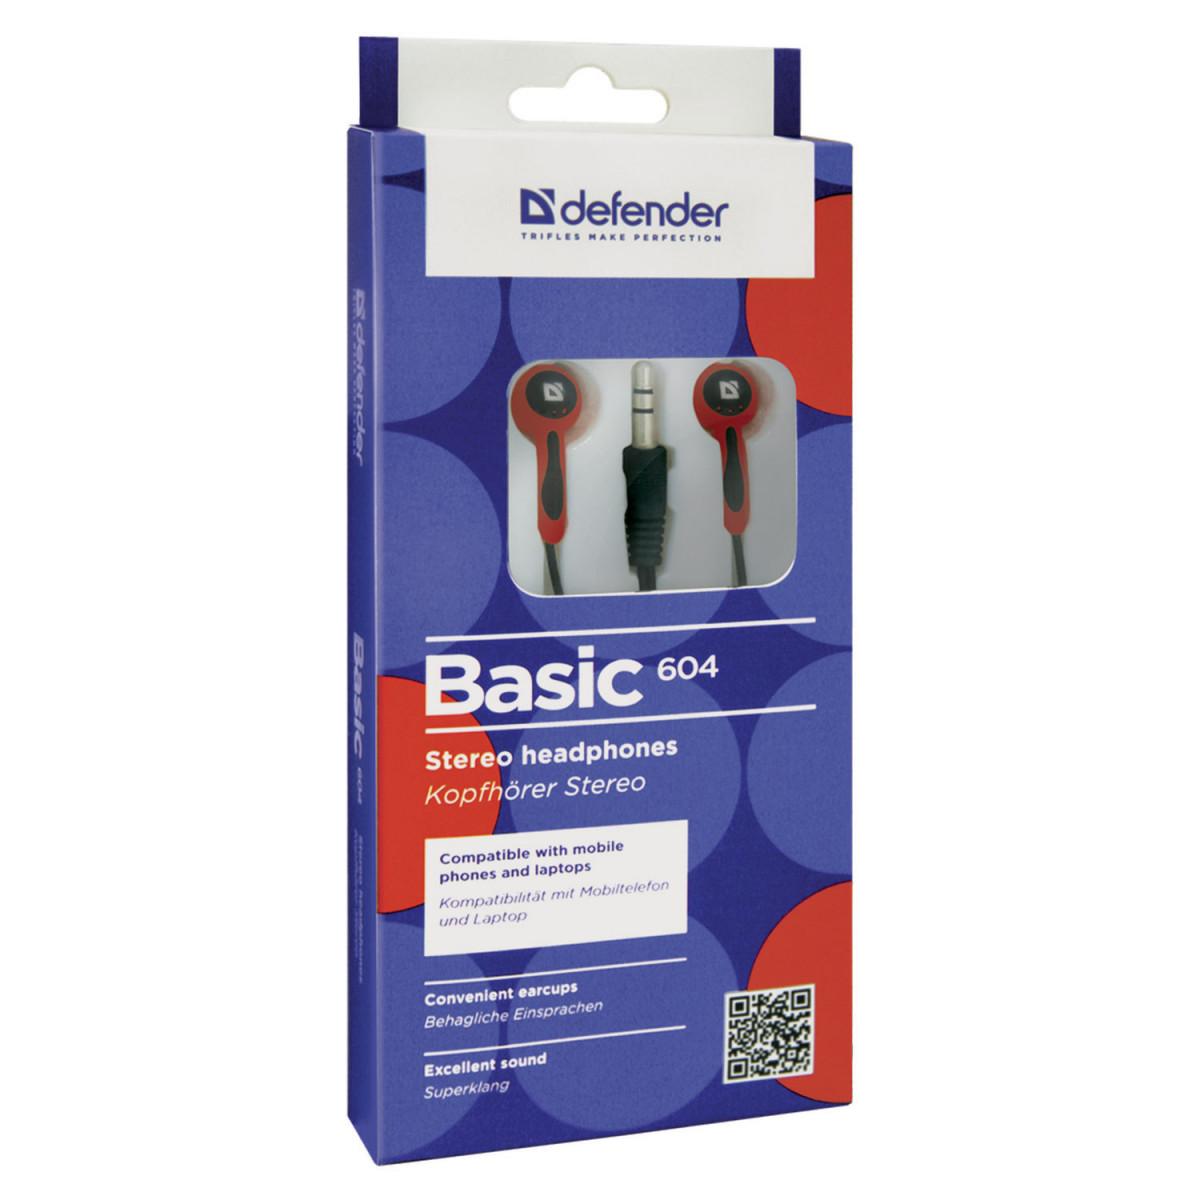 Наушники DEFENDER Basic 604, проводные, 1,2 м, вкладыши, черные с красным, 63605 (арт. 63605)